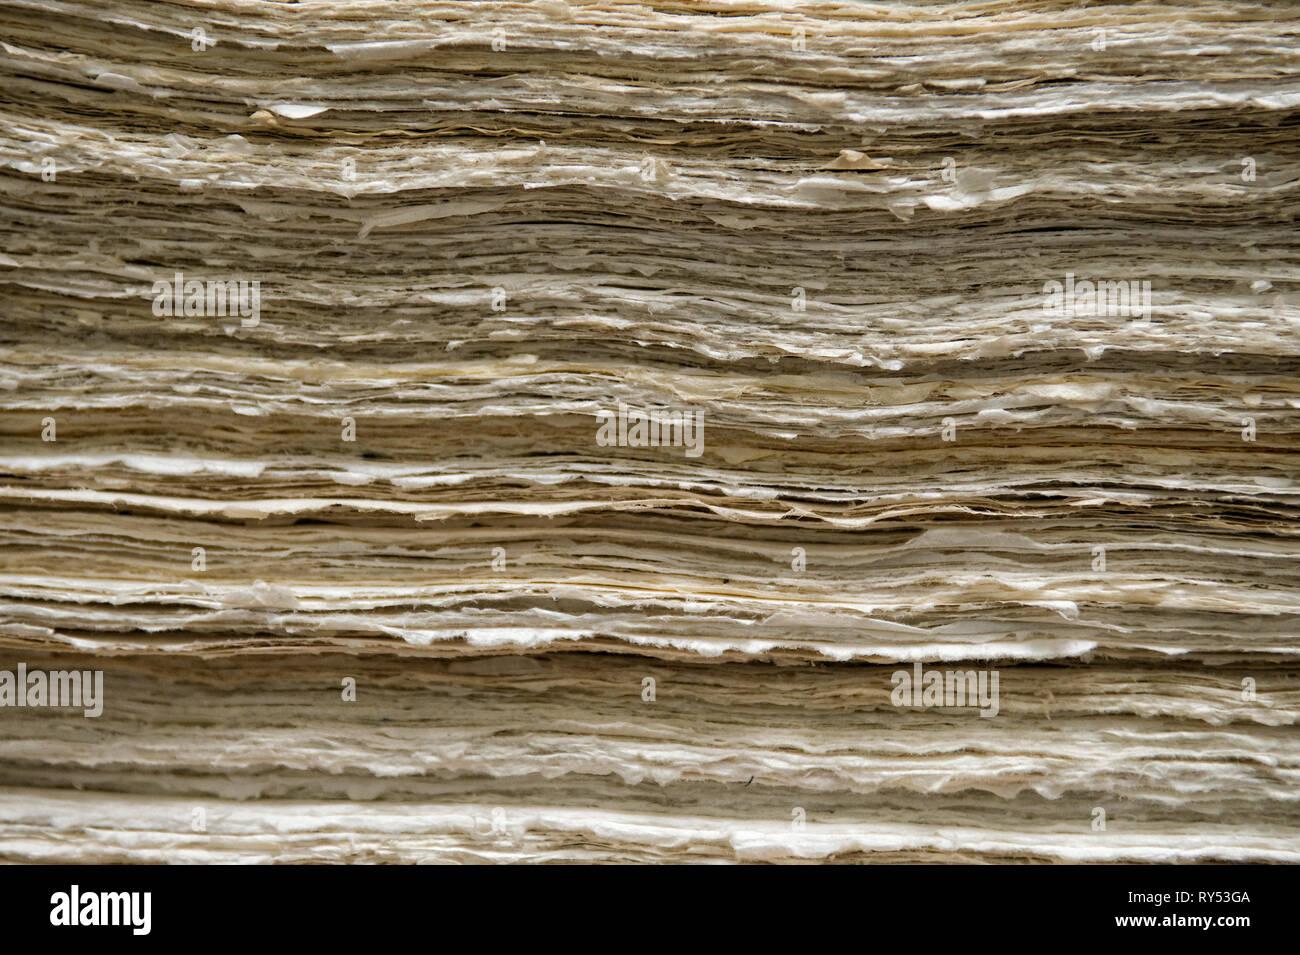 Aufeinander geschichtete Papierblaetter sterben in Handarbeit hergestellt wurden. Stockbild